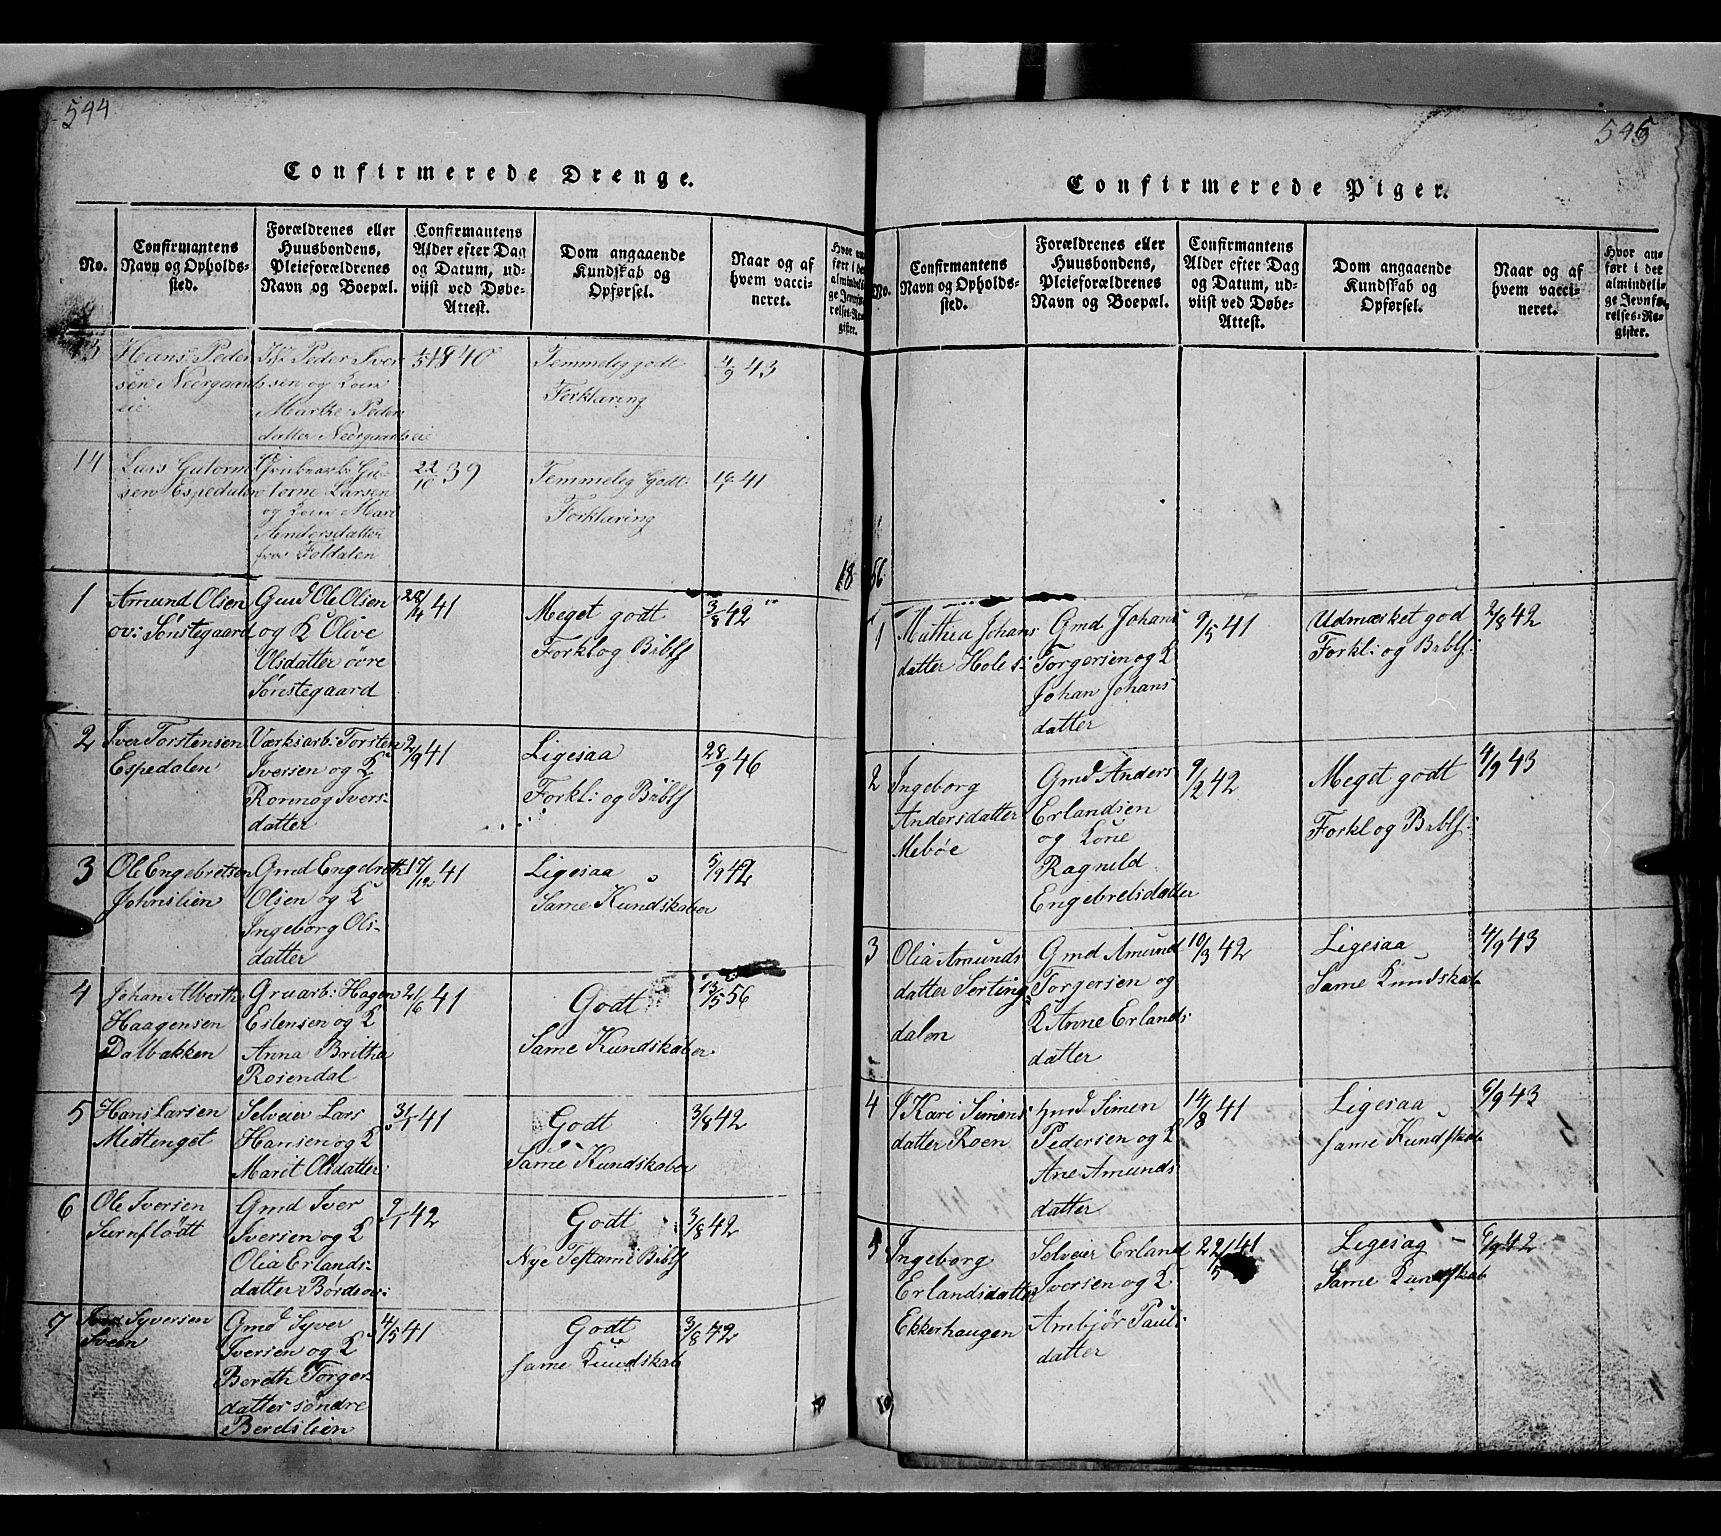 SAH, Gausdal prestekontor, Klokkerbok nr. 2, 1818-1874, s. 544-545